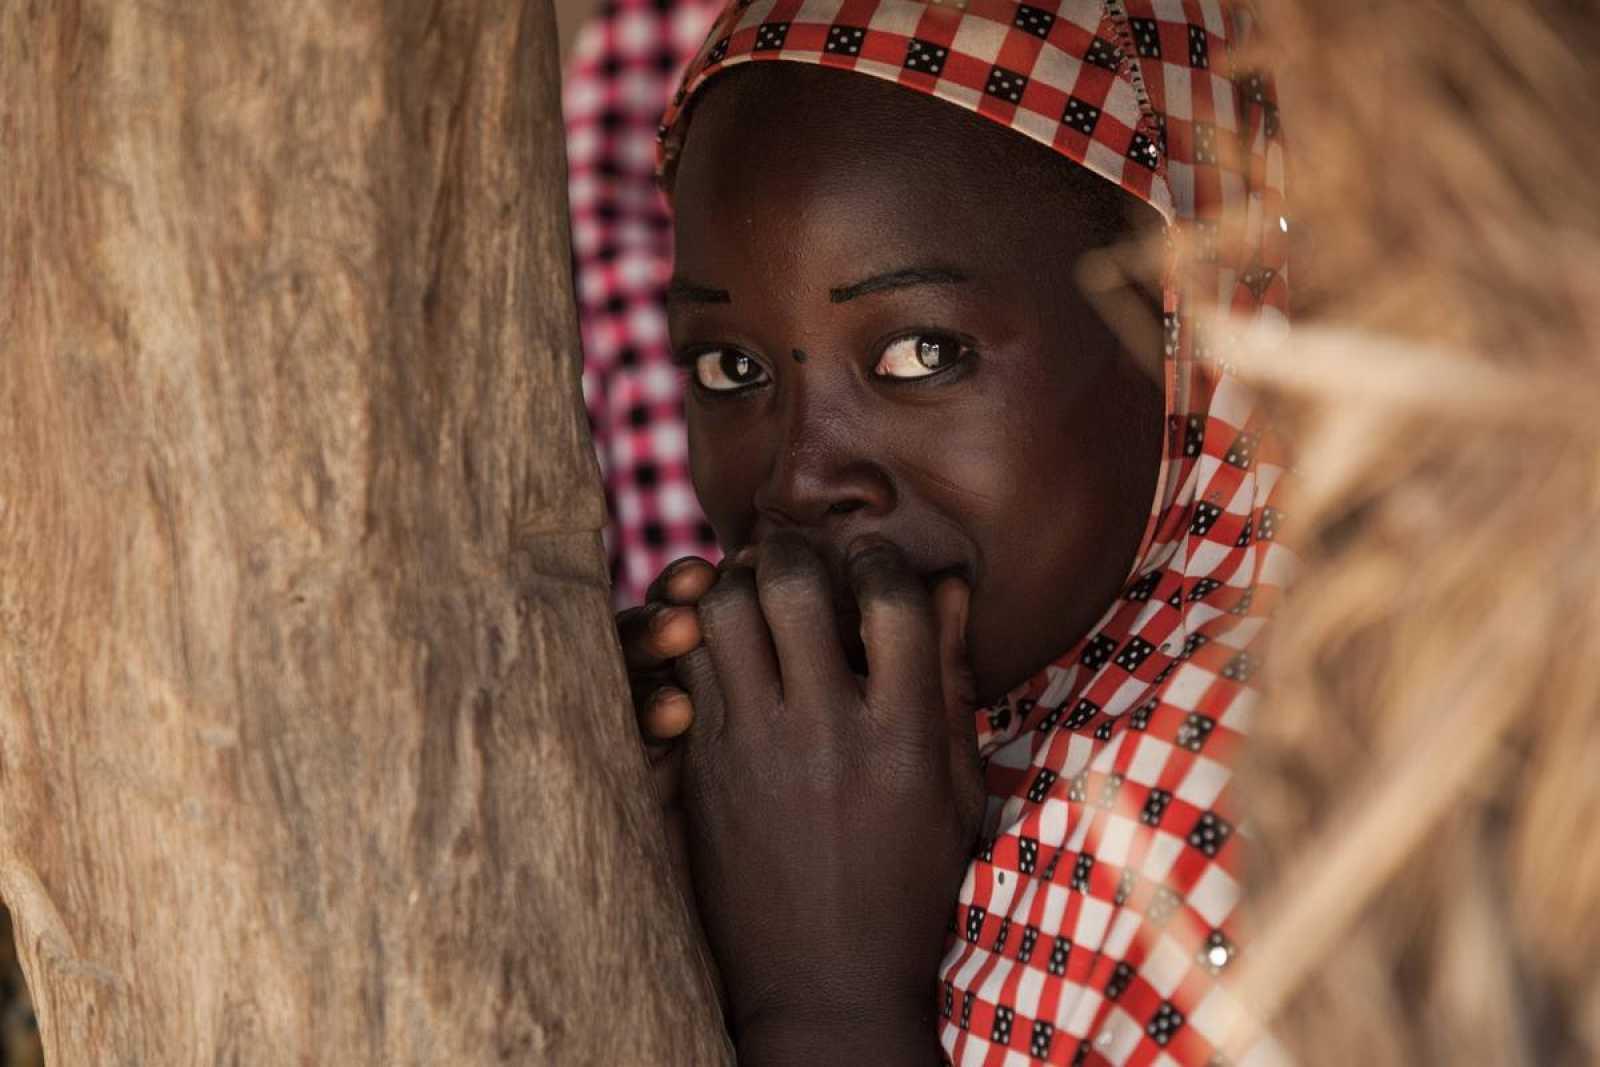 Sólo el 10% de las niñas en Níger acceden a la educación secundaria.